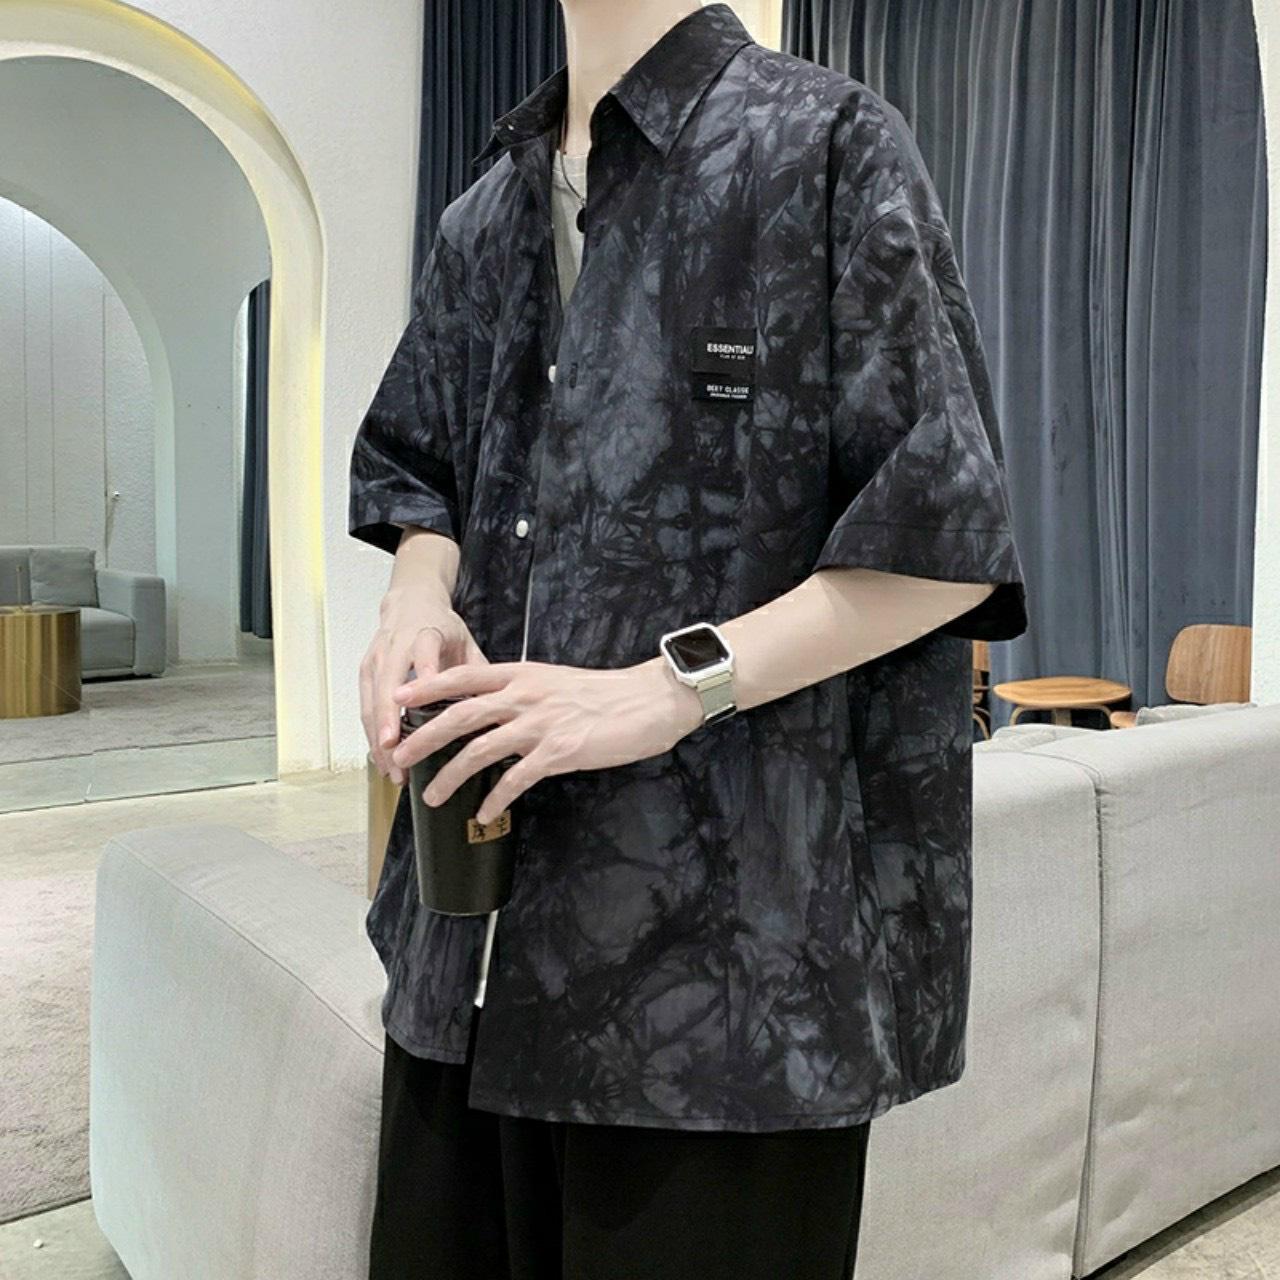 Áo Sơ Mi Nam form rộng họa tiết loang màu chất vải mềm mịn thoải mái kèm video mô tả